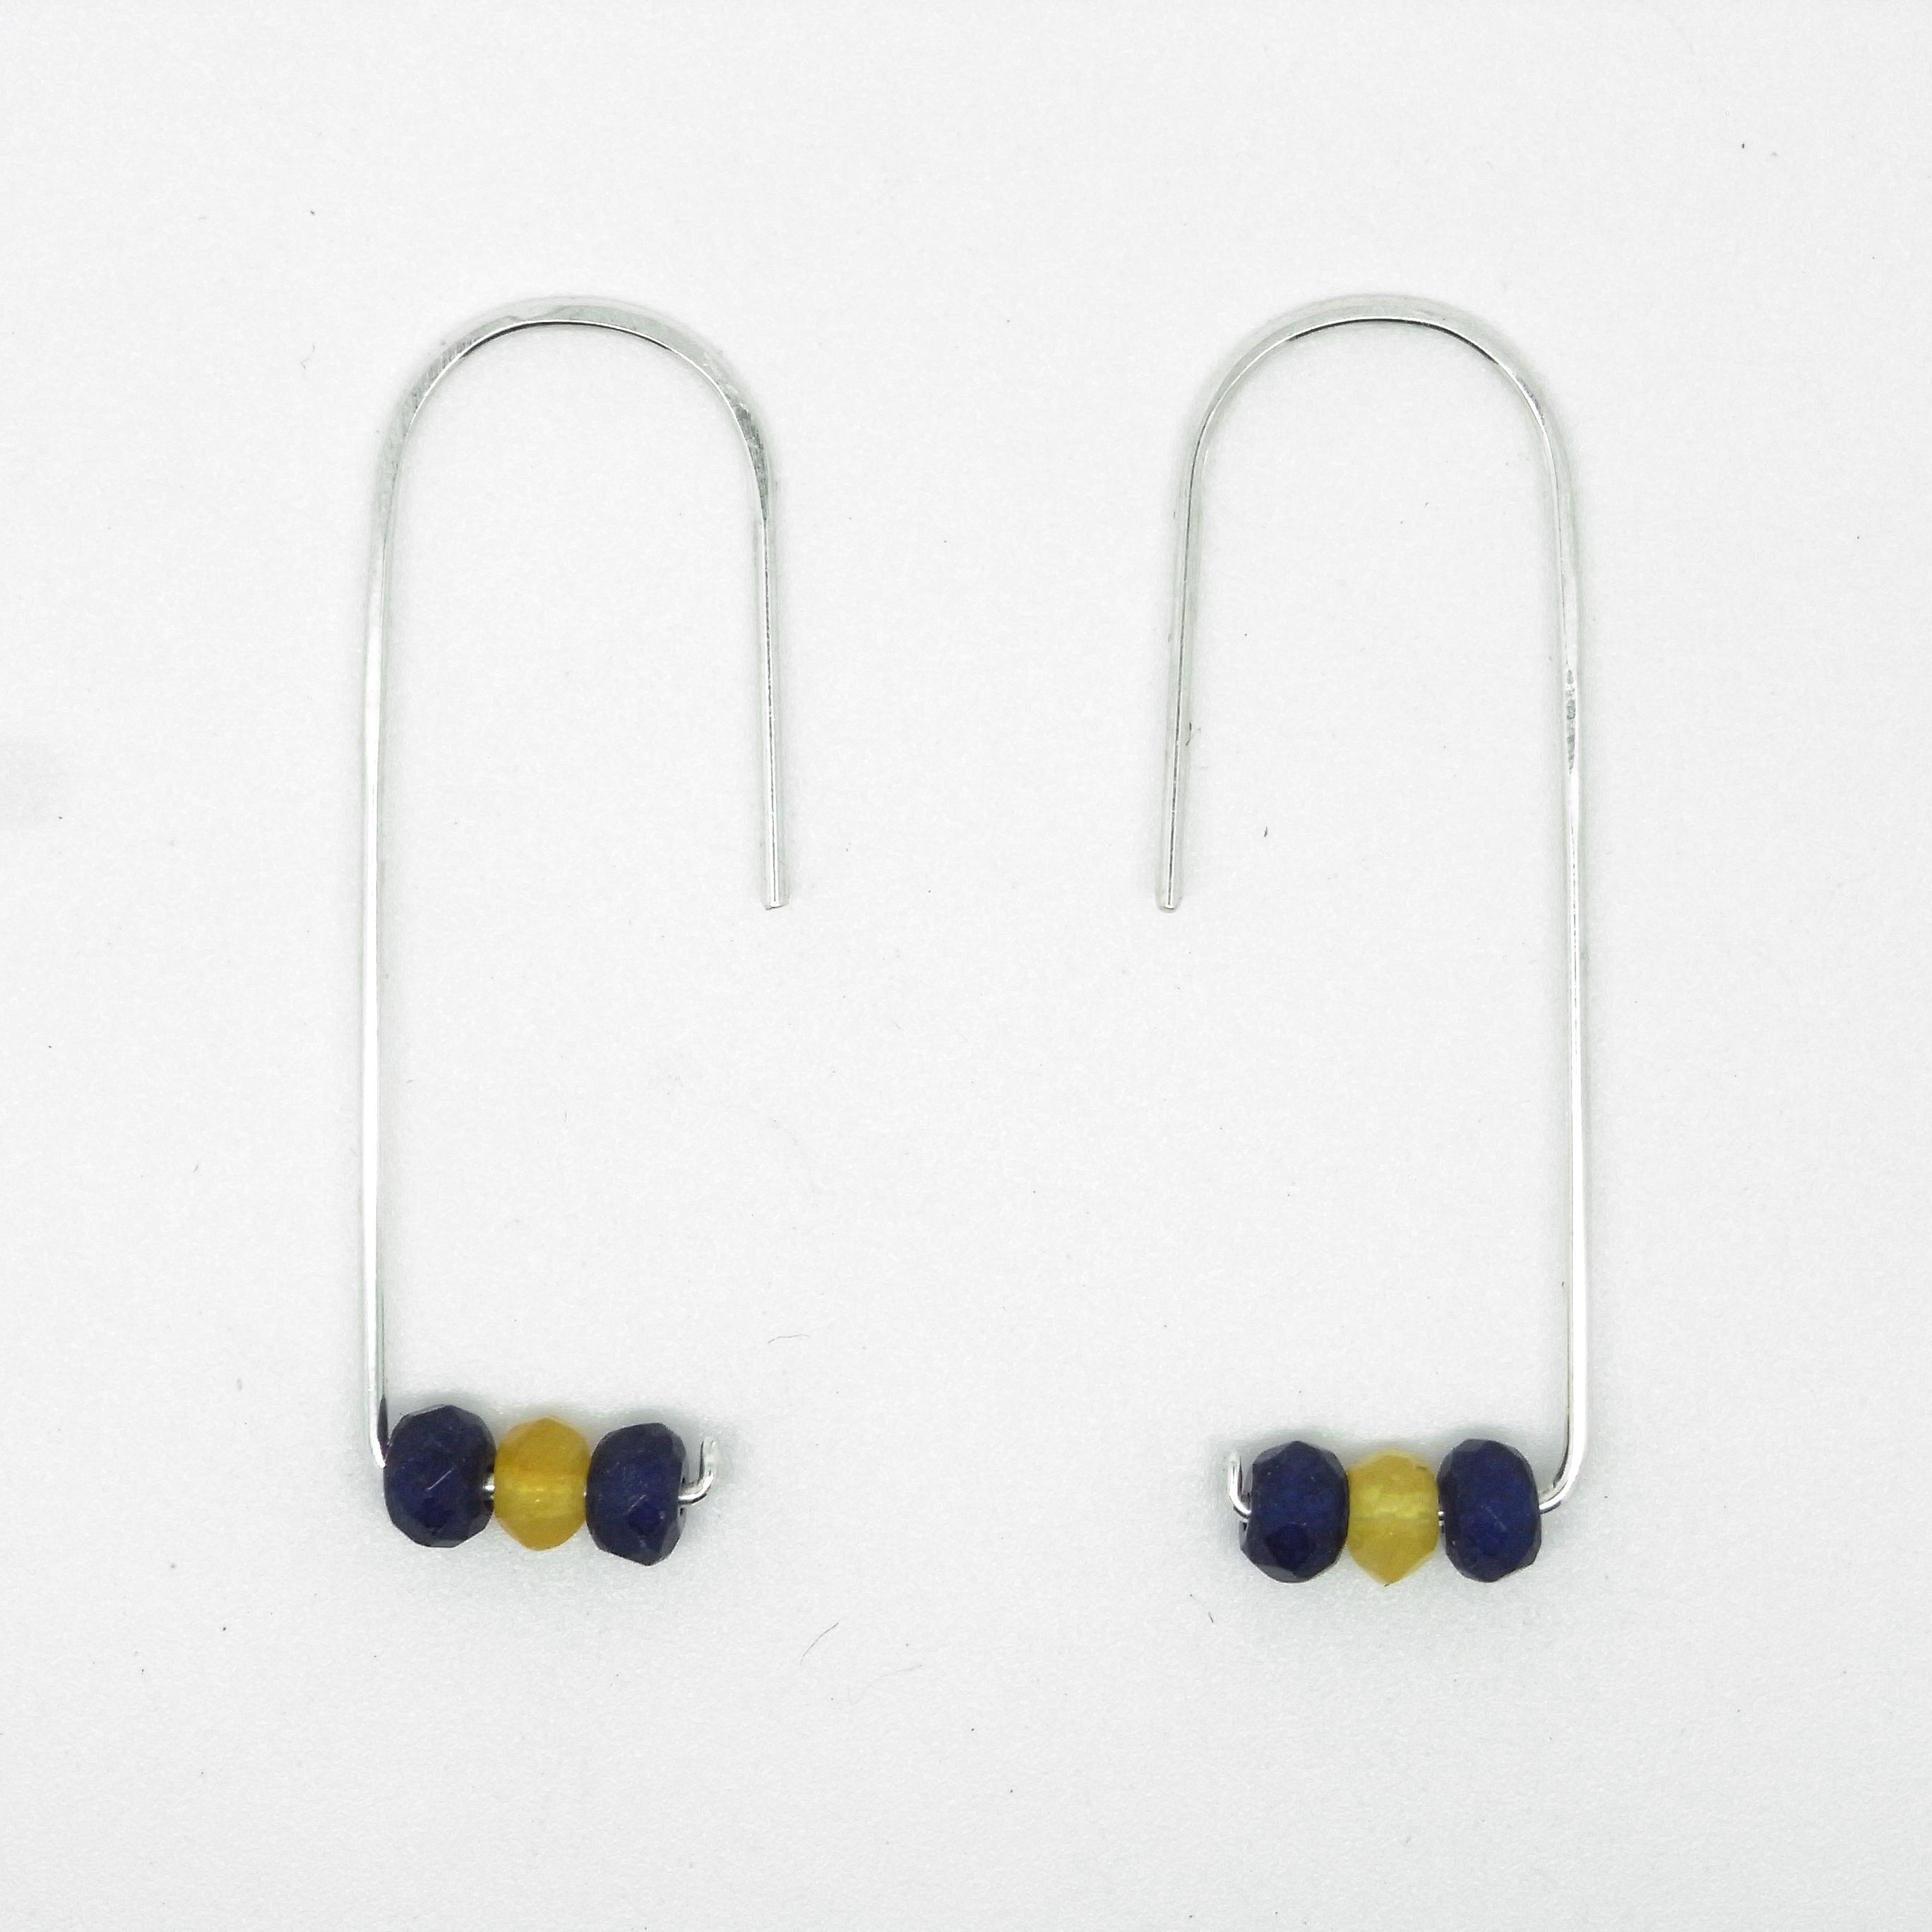 Semi Precious Earrings - Lapis & Lemon Jasper